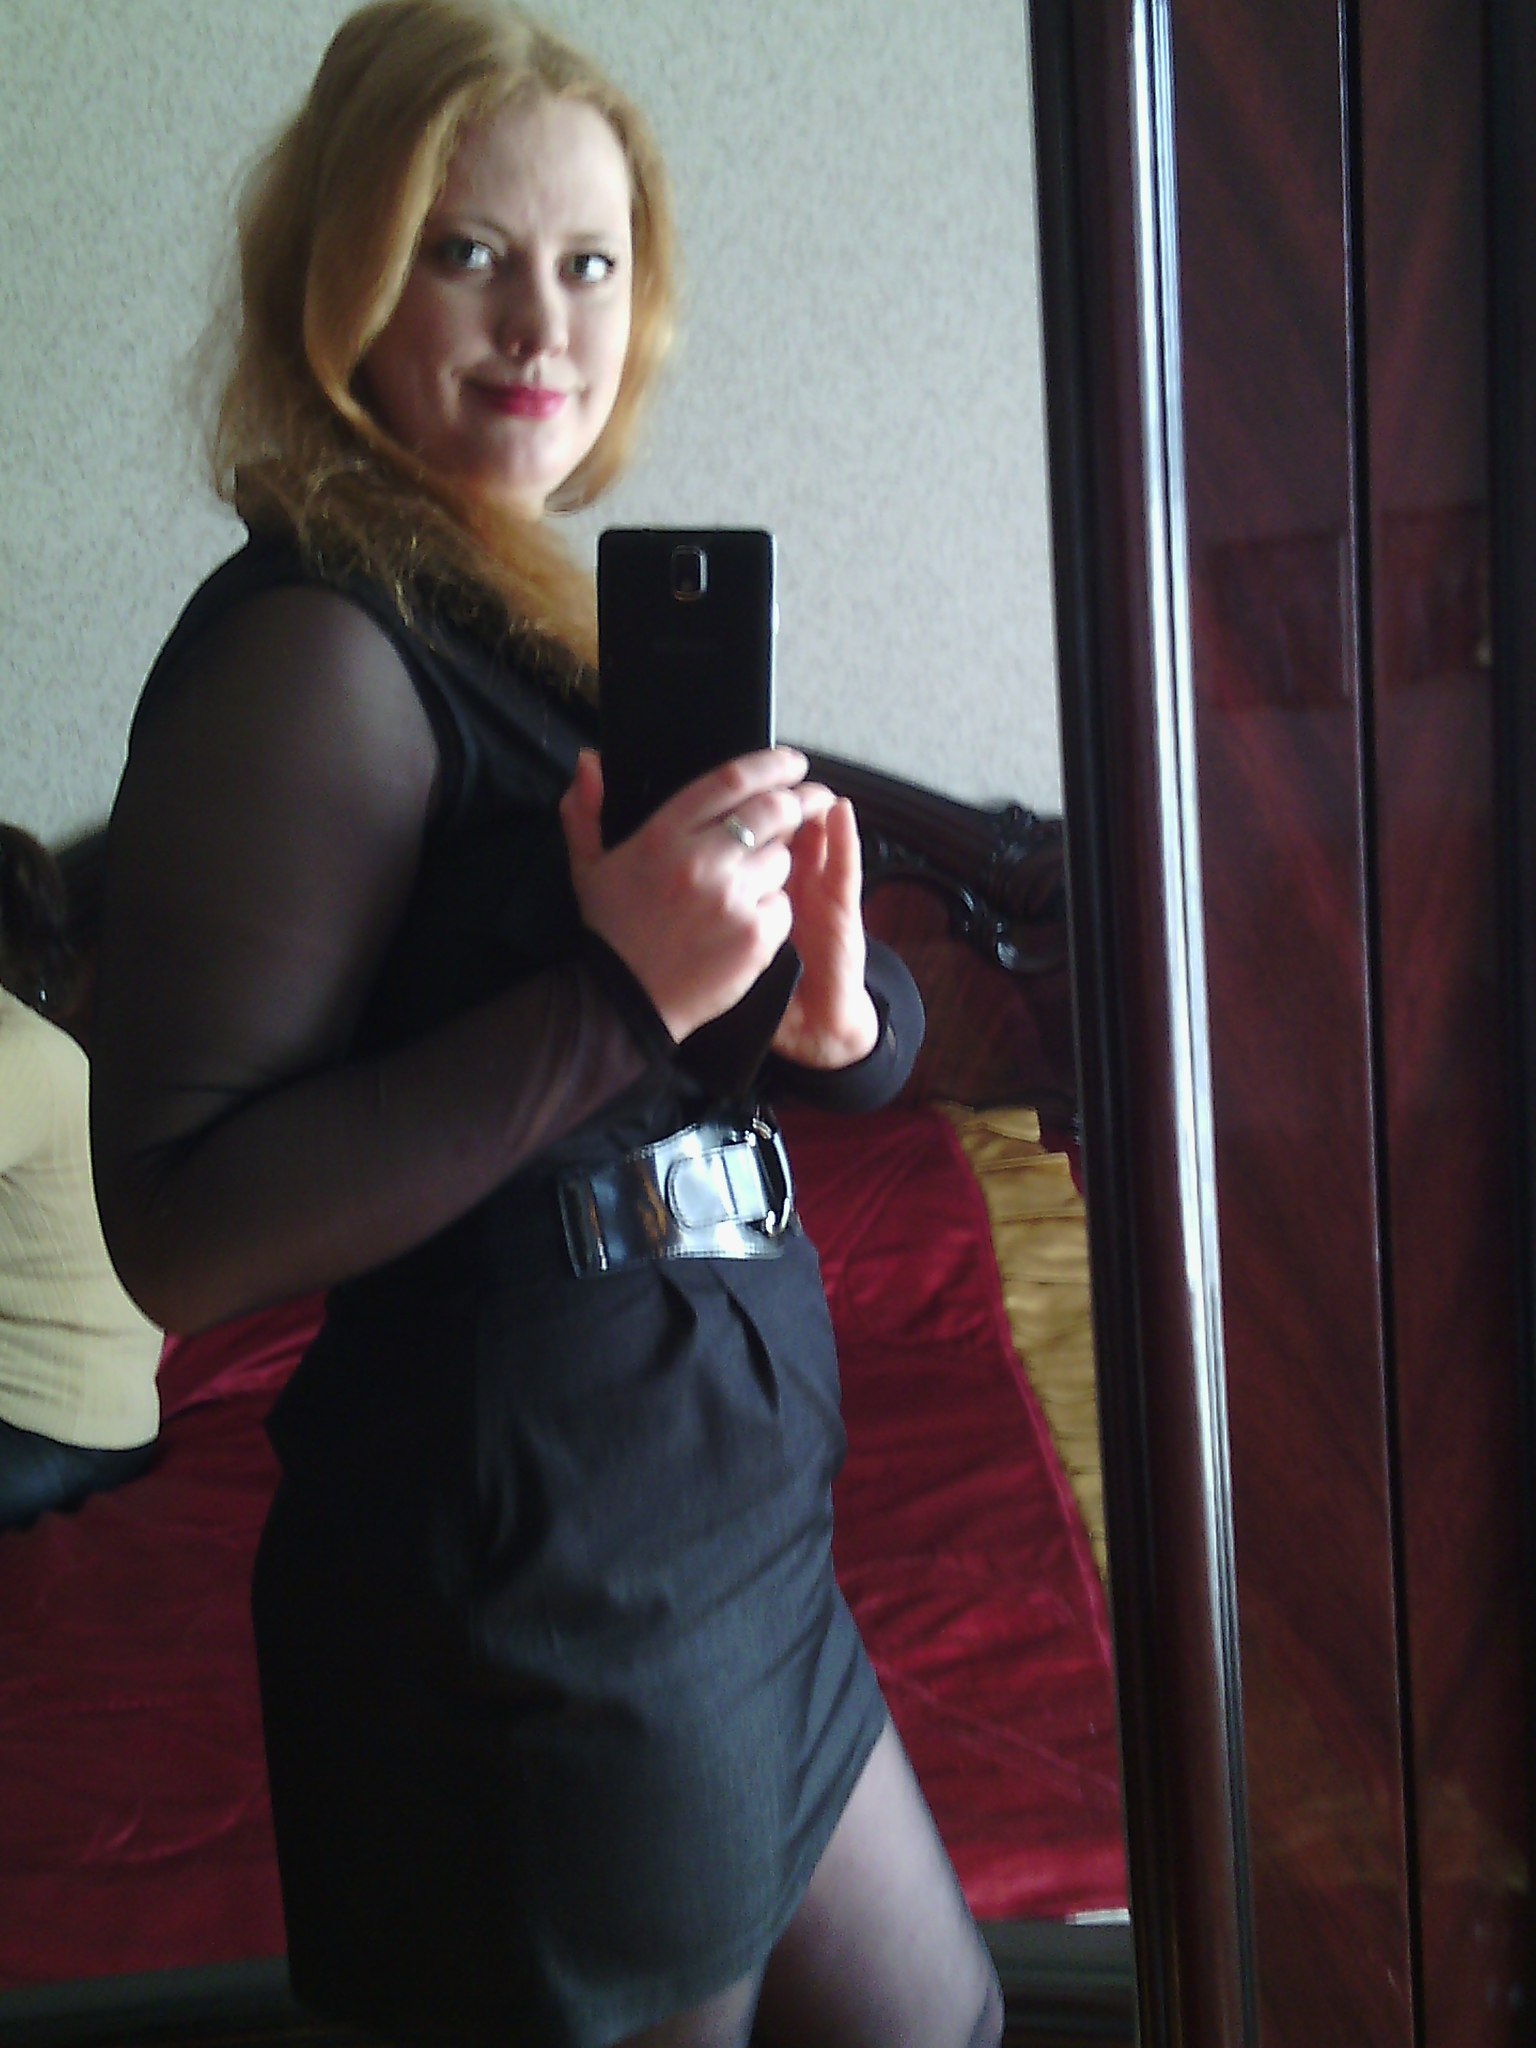 Домашние фото женщин (23 фото) - Мариша, 28 лет, Льгов